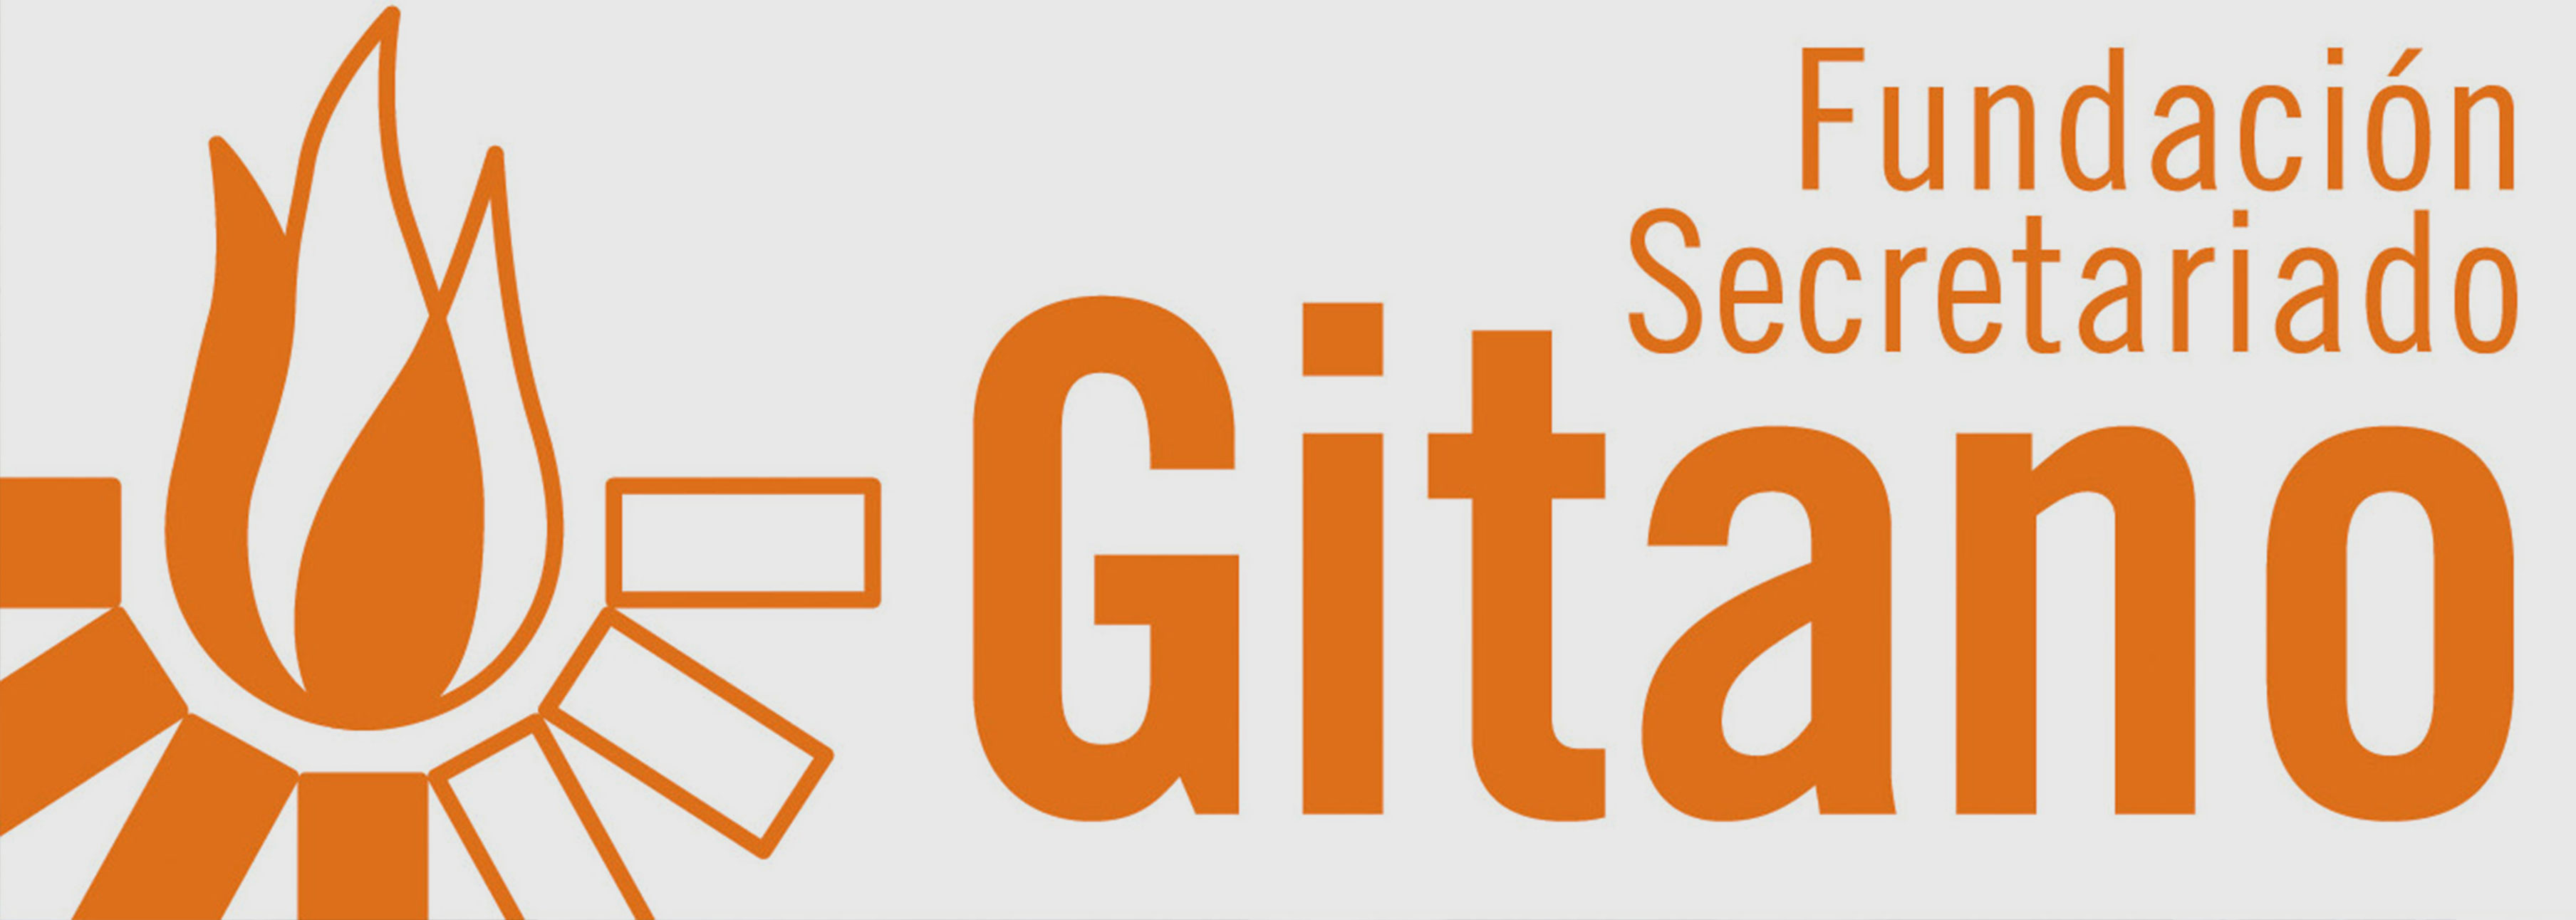 El compromiso social en nuestro hostel de Málaga: experiencia de colaboración con la Fundación Secretariado Gitano